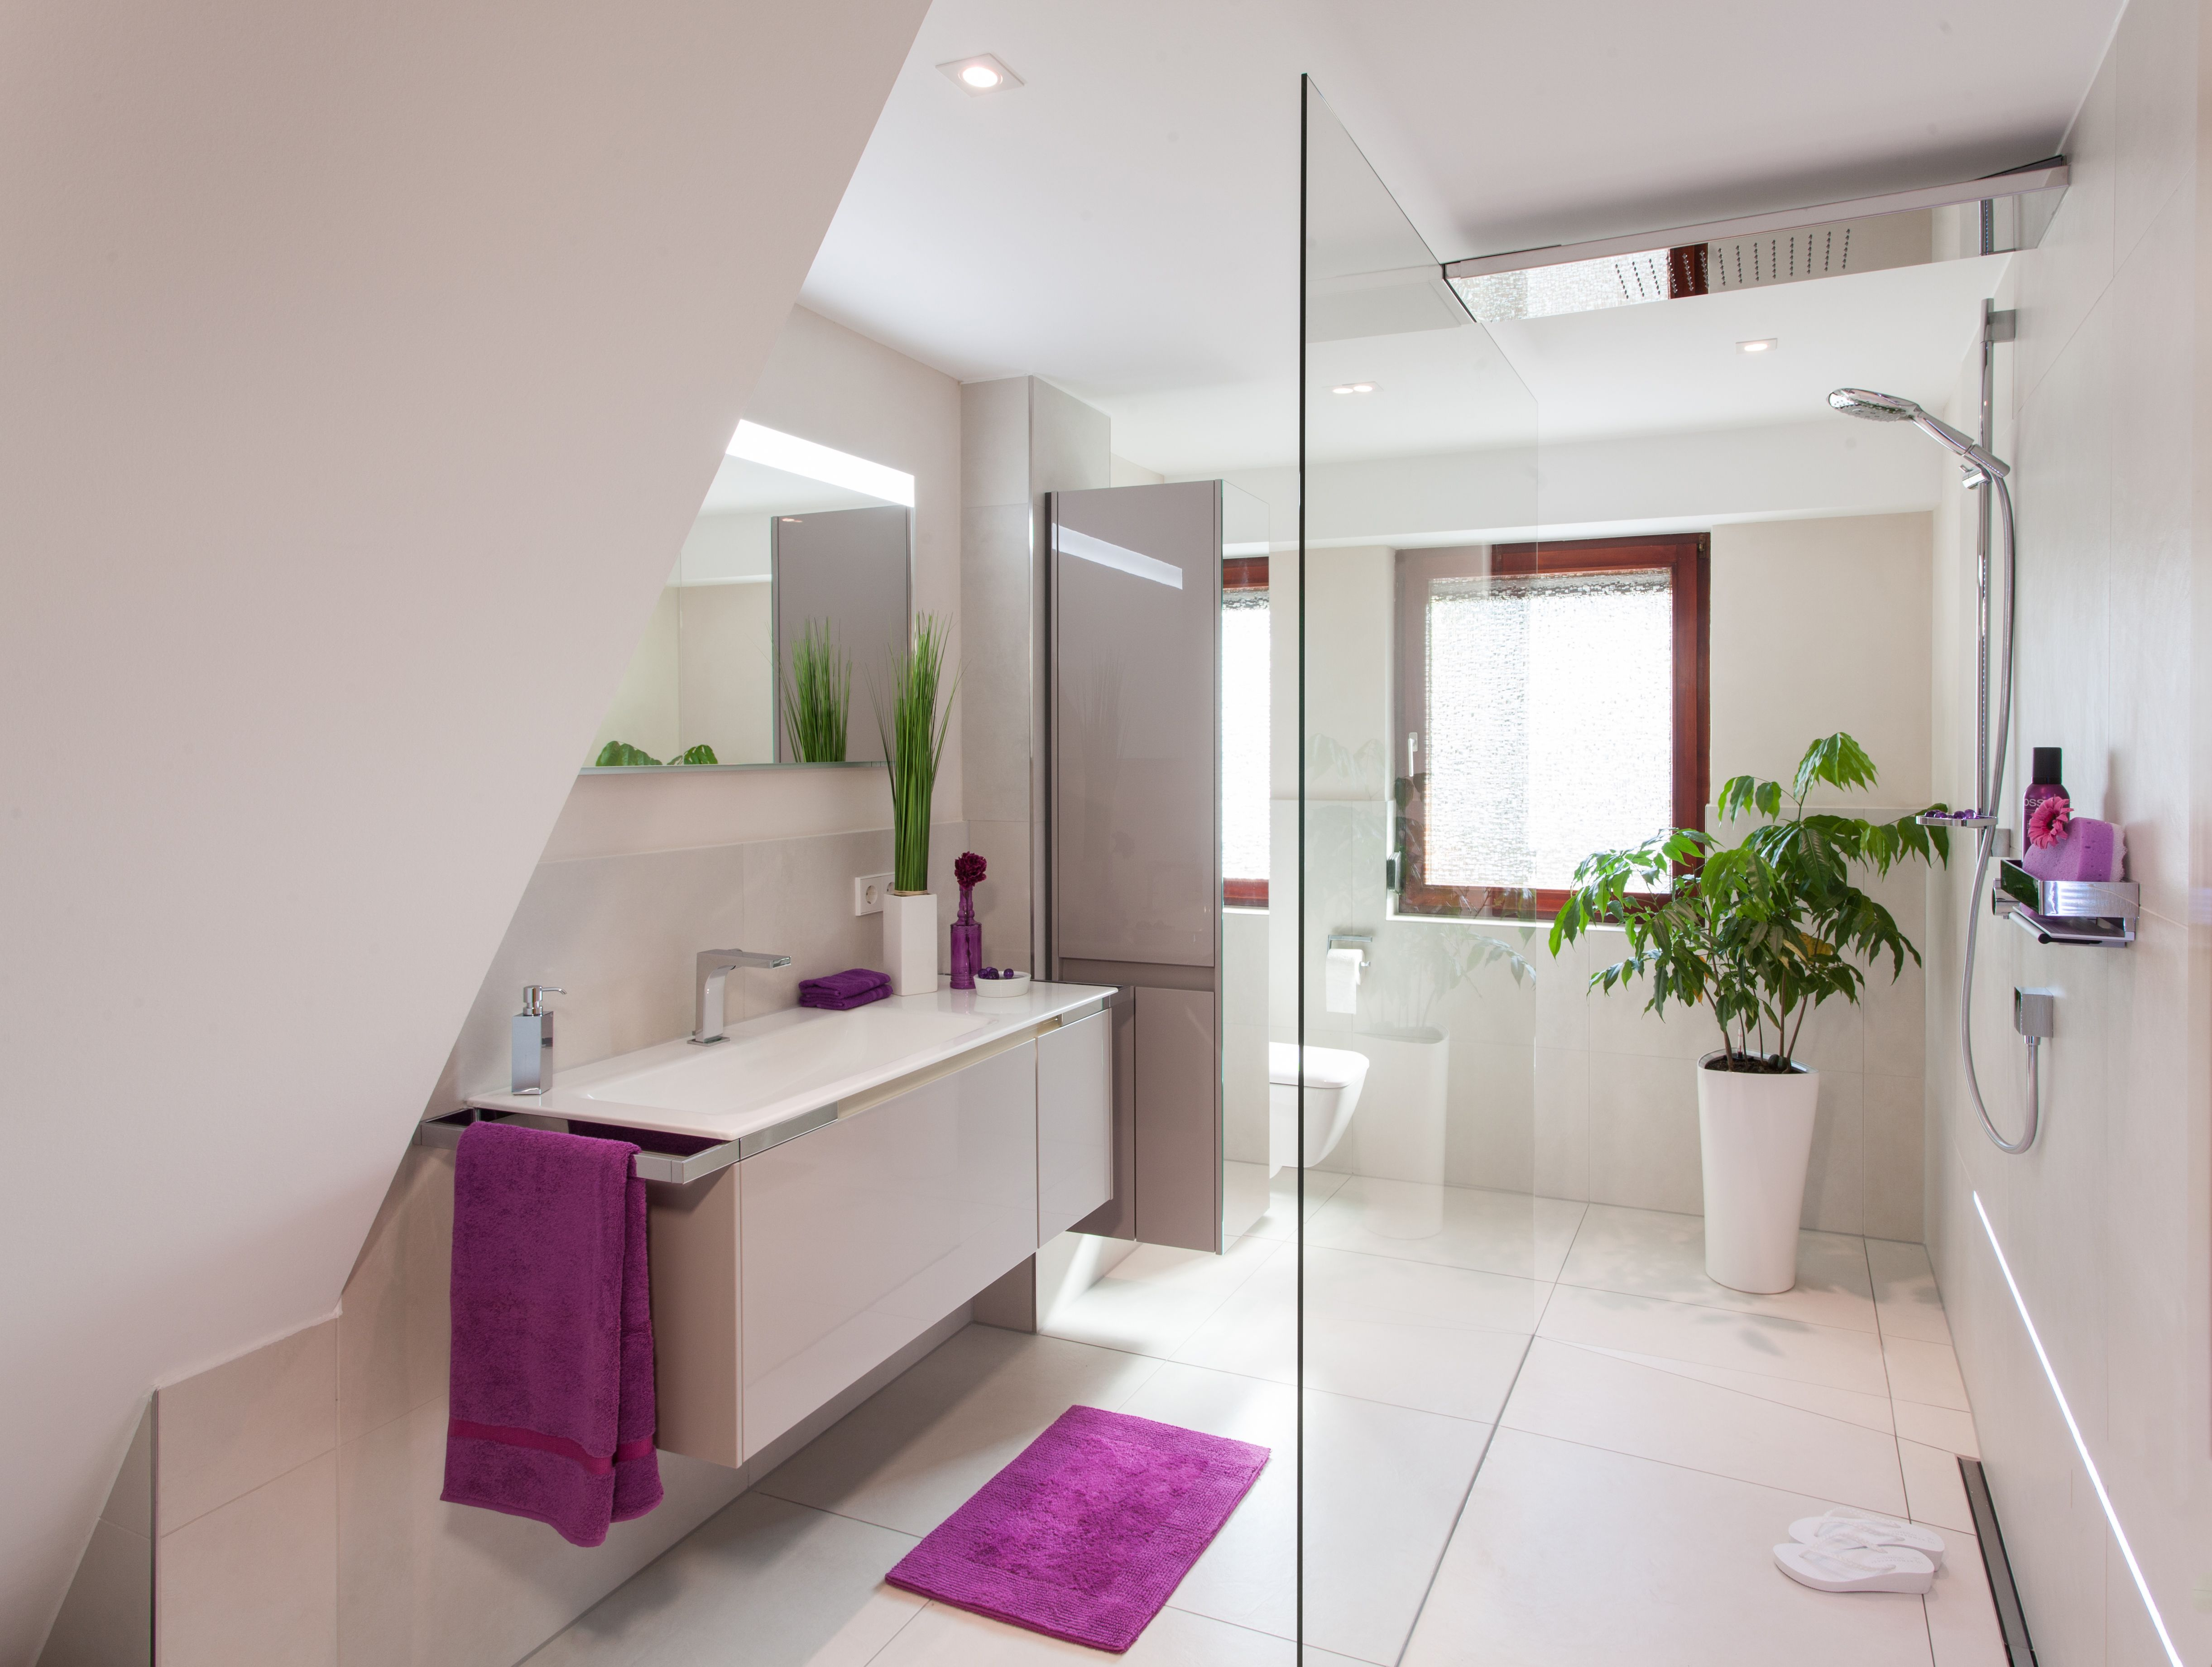 gro formatige fliesen in beige und eine offene dusche lassen den raum gr er wirken. Black Bedroom Furniture Sets. Home Design Ideas